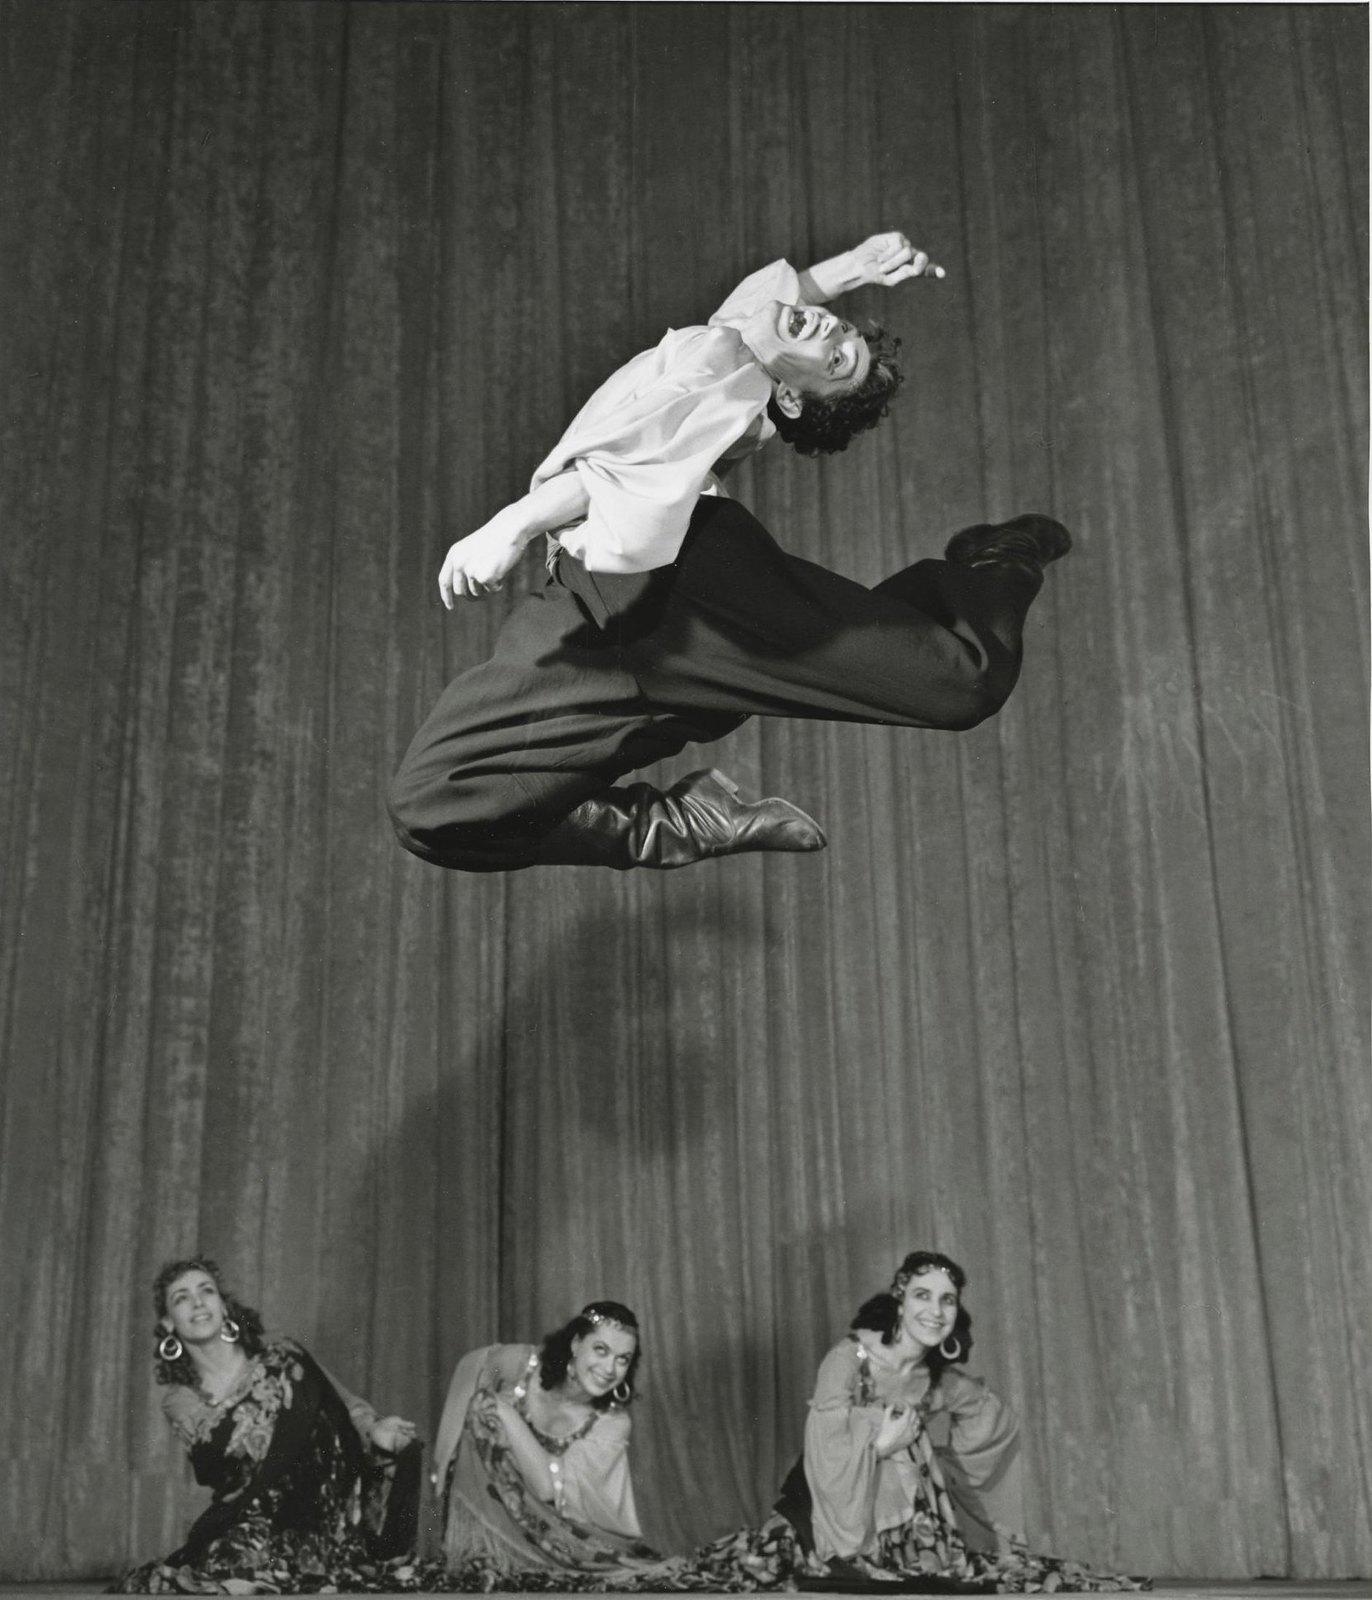 1966. Ансамбль народного танца СССР. Танец молдавских цыган